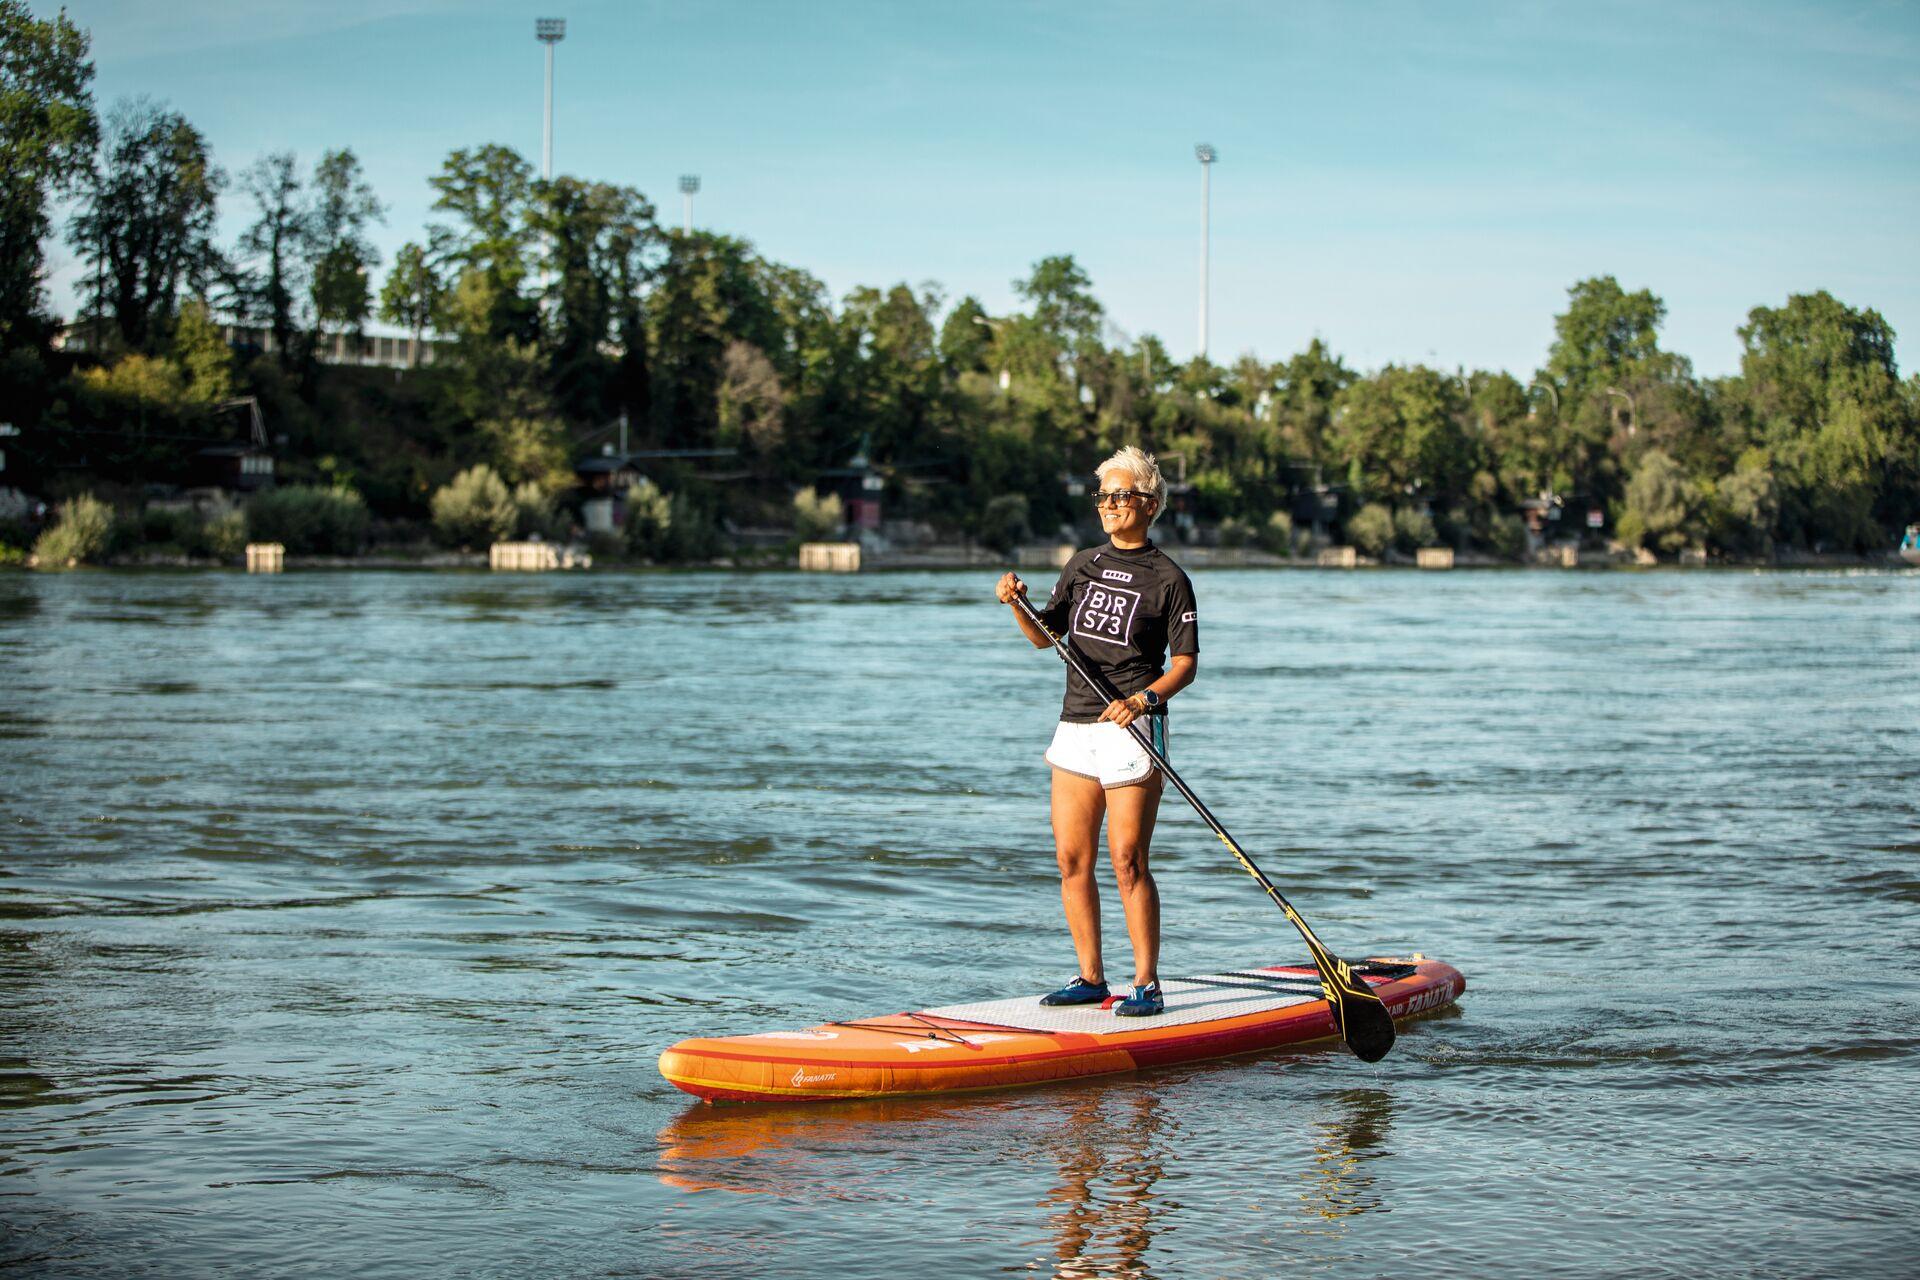 Multimedia-Künstlerin Permi Jhooti beim Stand Up Paddling auf dem Rhein